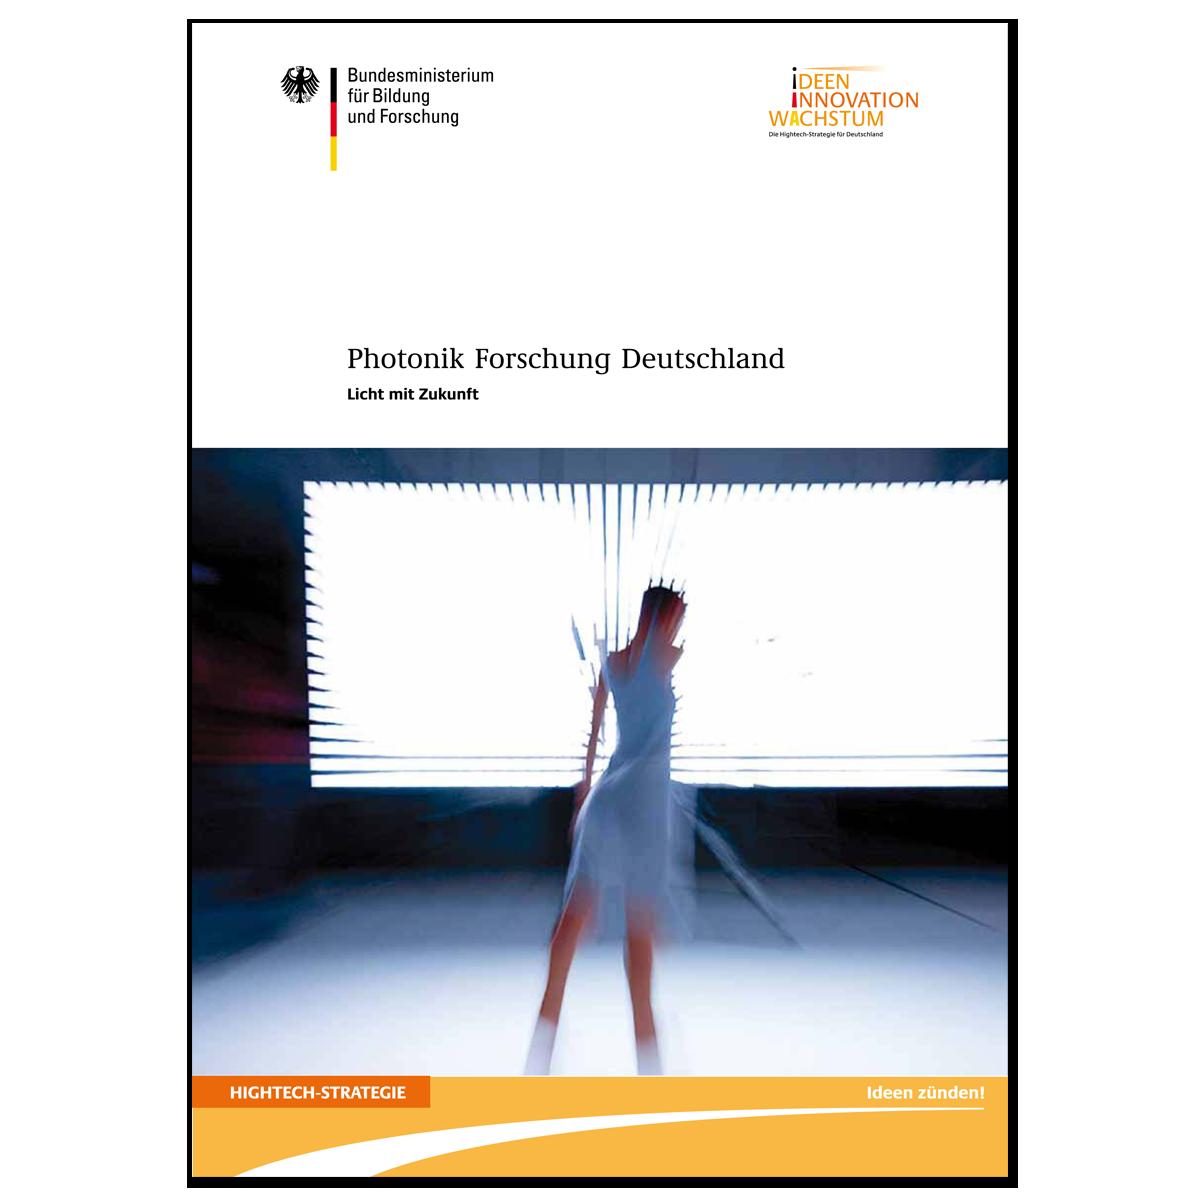 Photonik Forschung Deutschland